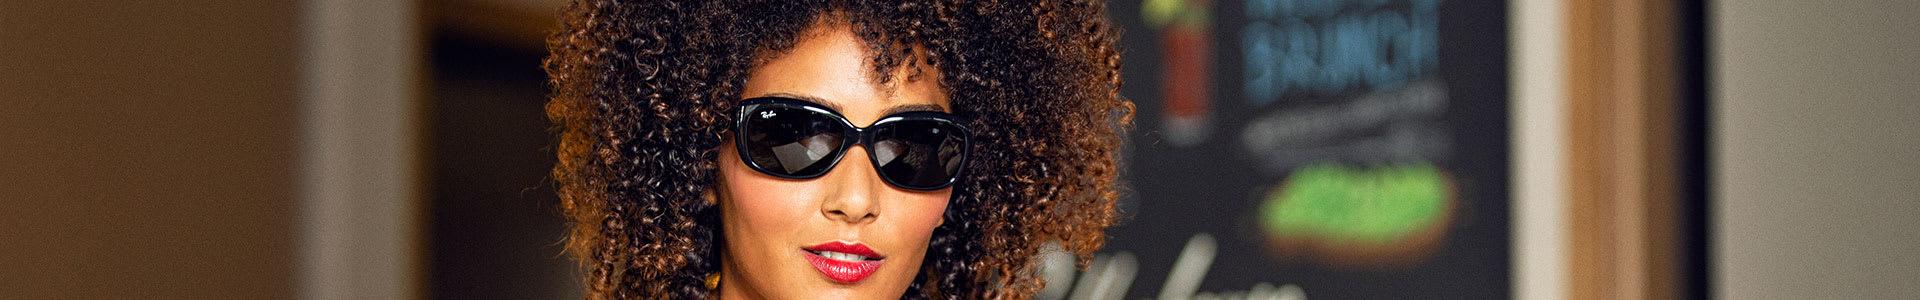 New Women's Sunglasses